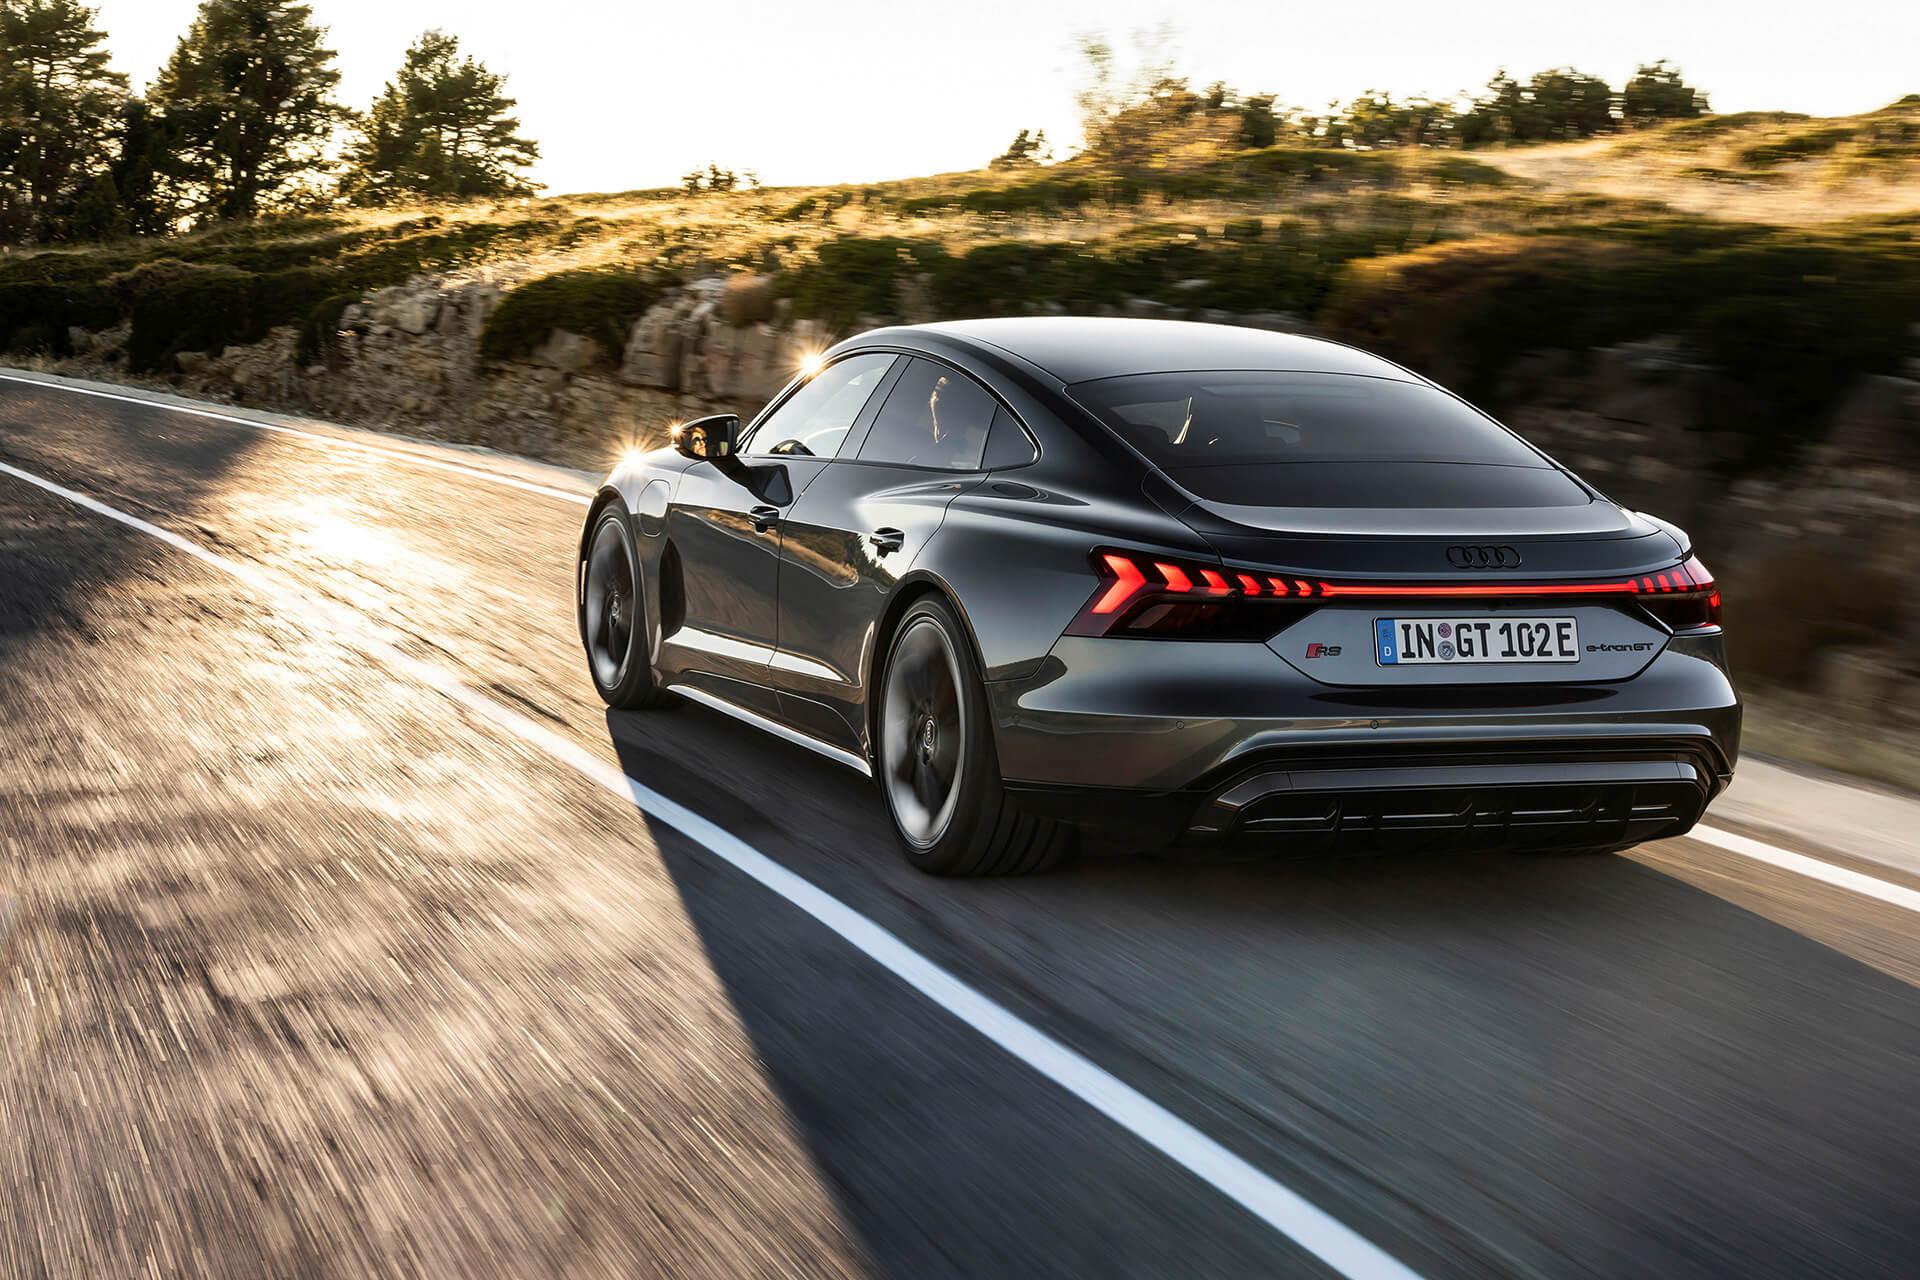 Audi e-tron GT σε κίνηση - Πίσω πλαϊνή όψη